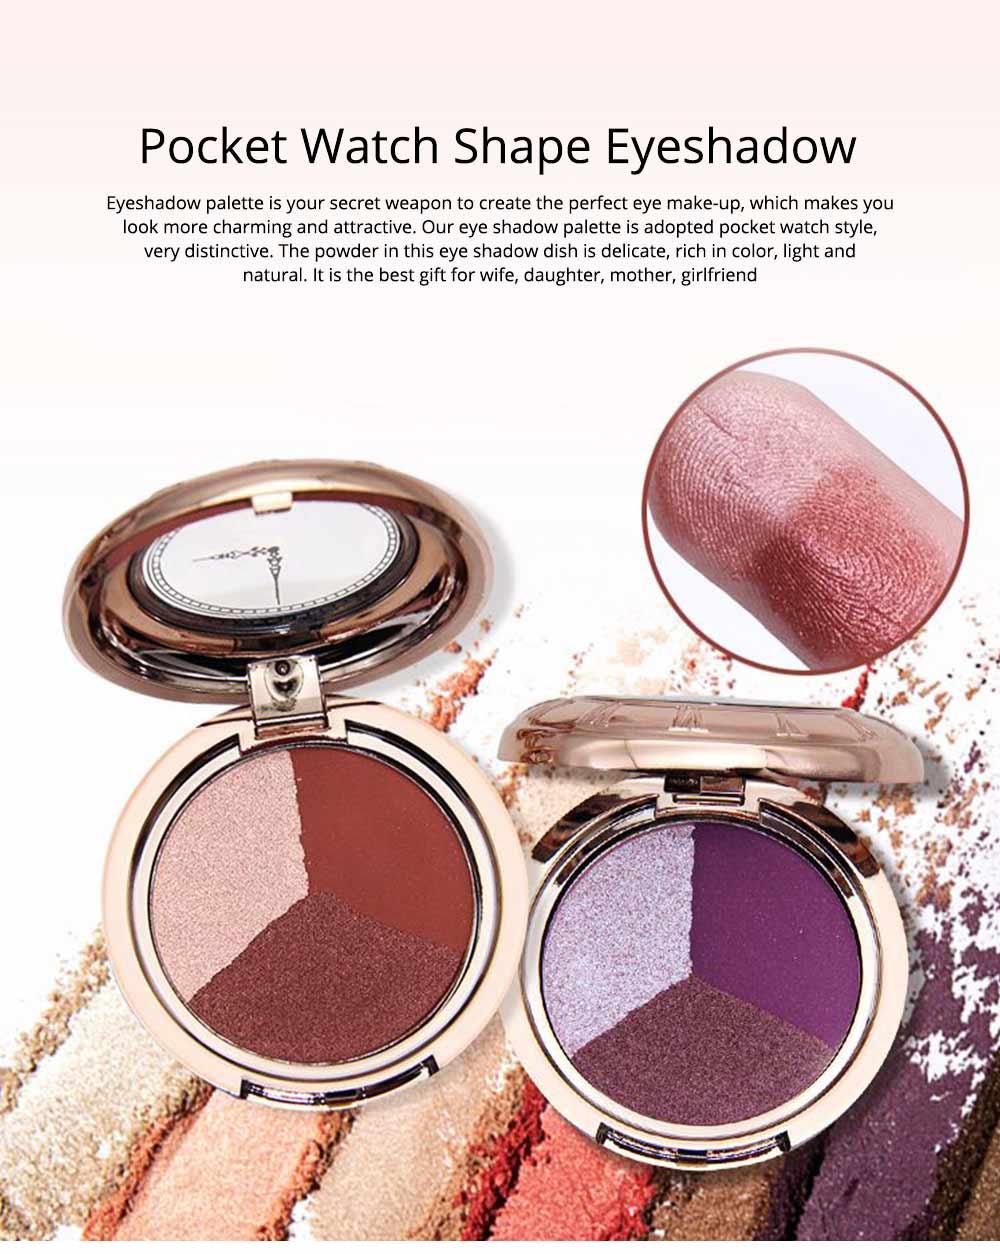 3 Colors Eyeshadow Set, Waterproof Long Lasting Makeup Eyeshadow Palette, Colorful Beauty Cosmetics 0